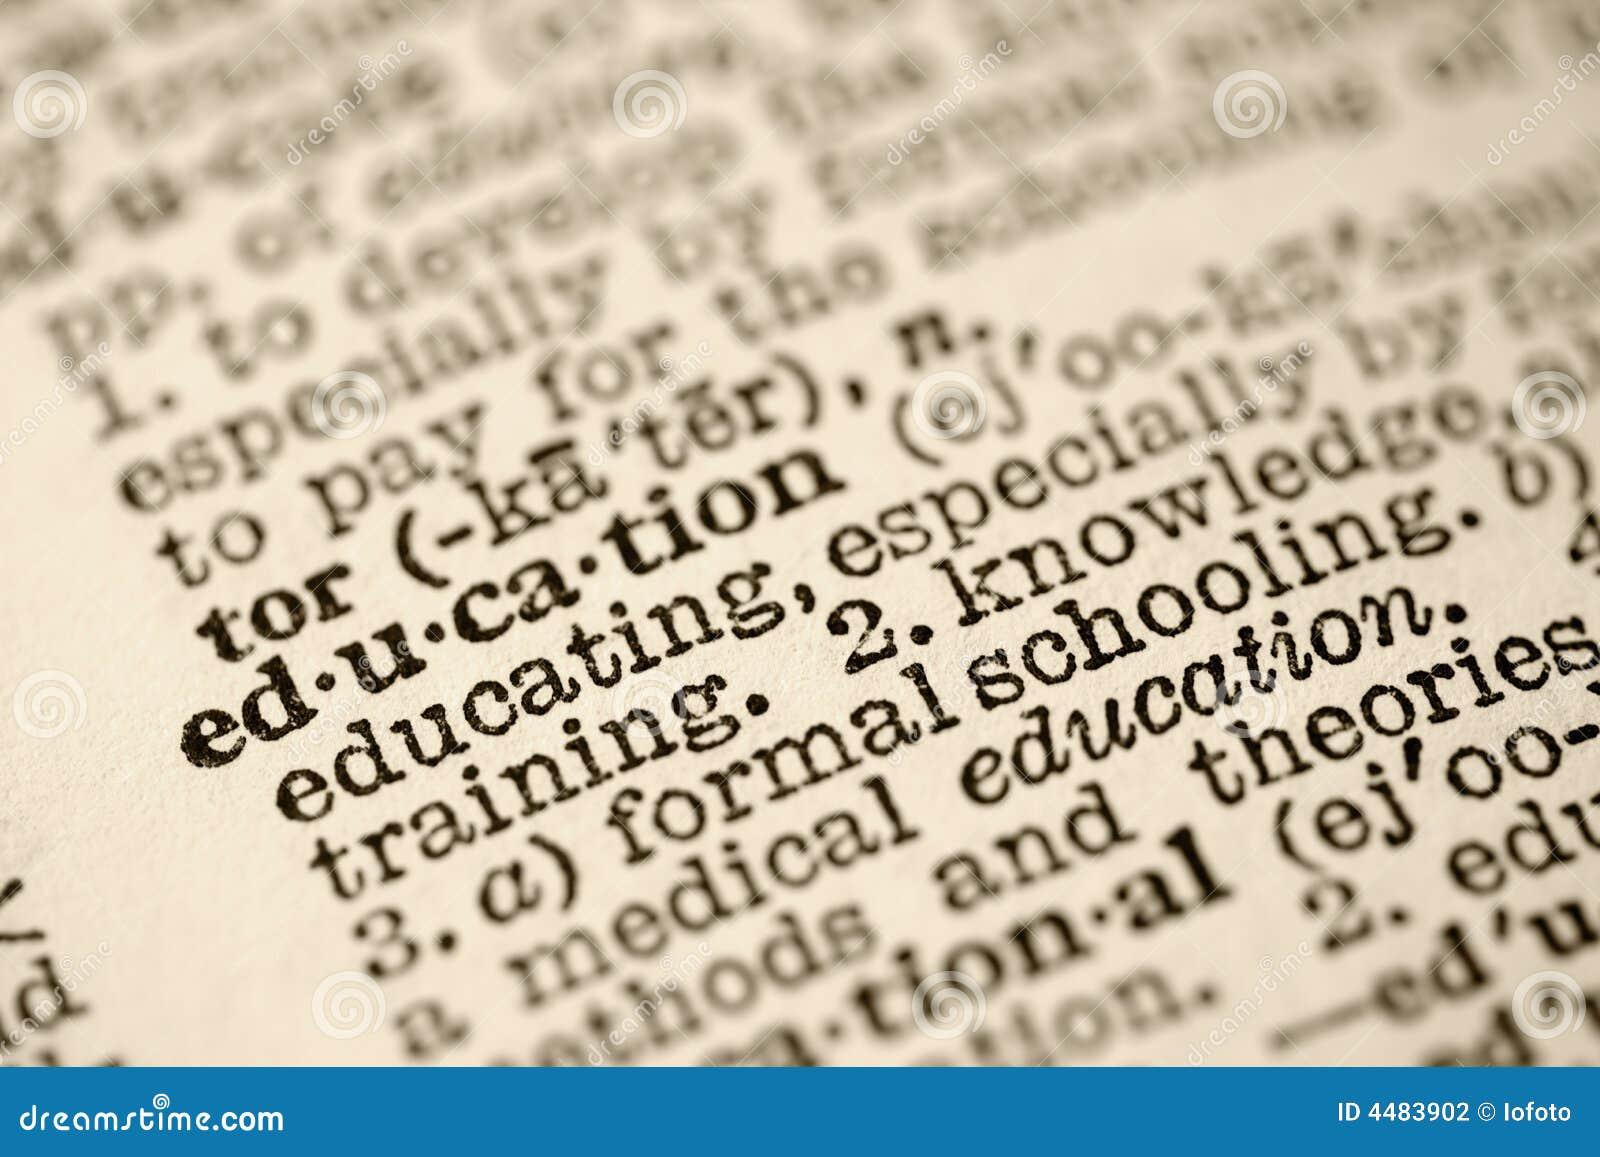 Onderwijs in woordenboek.